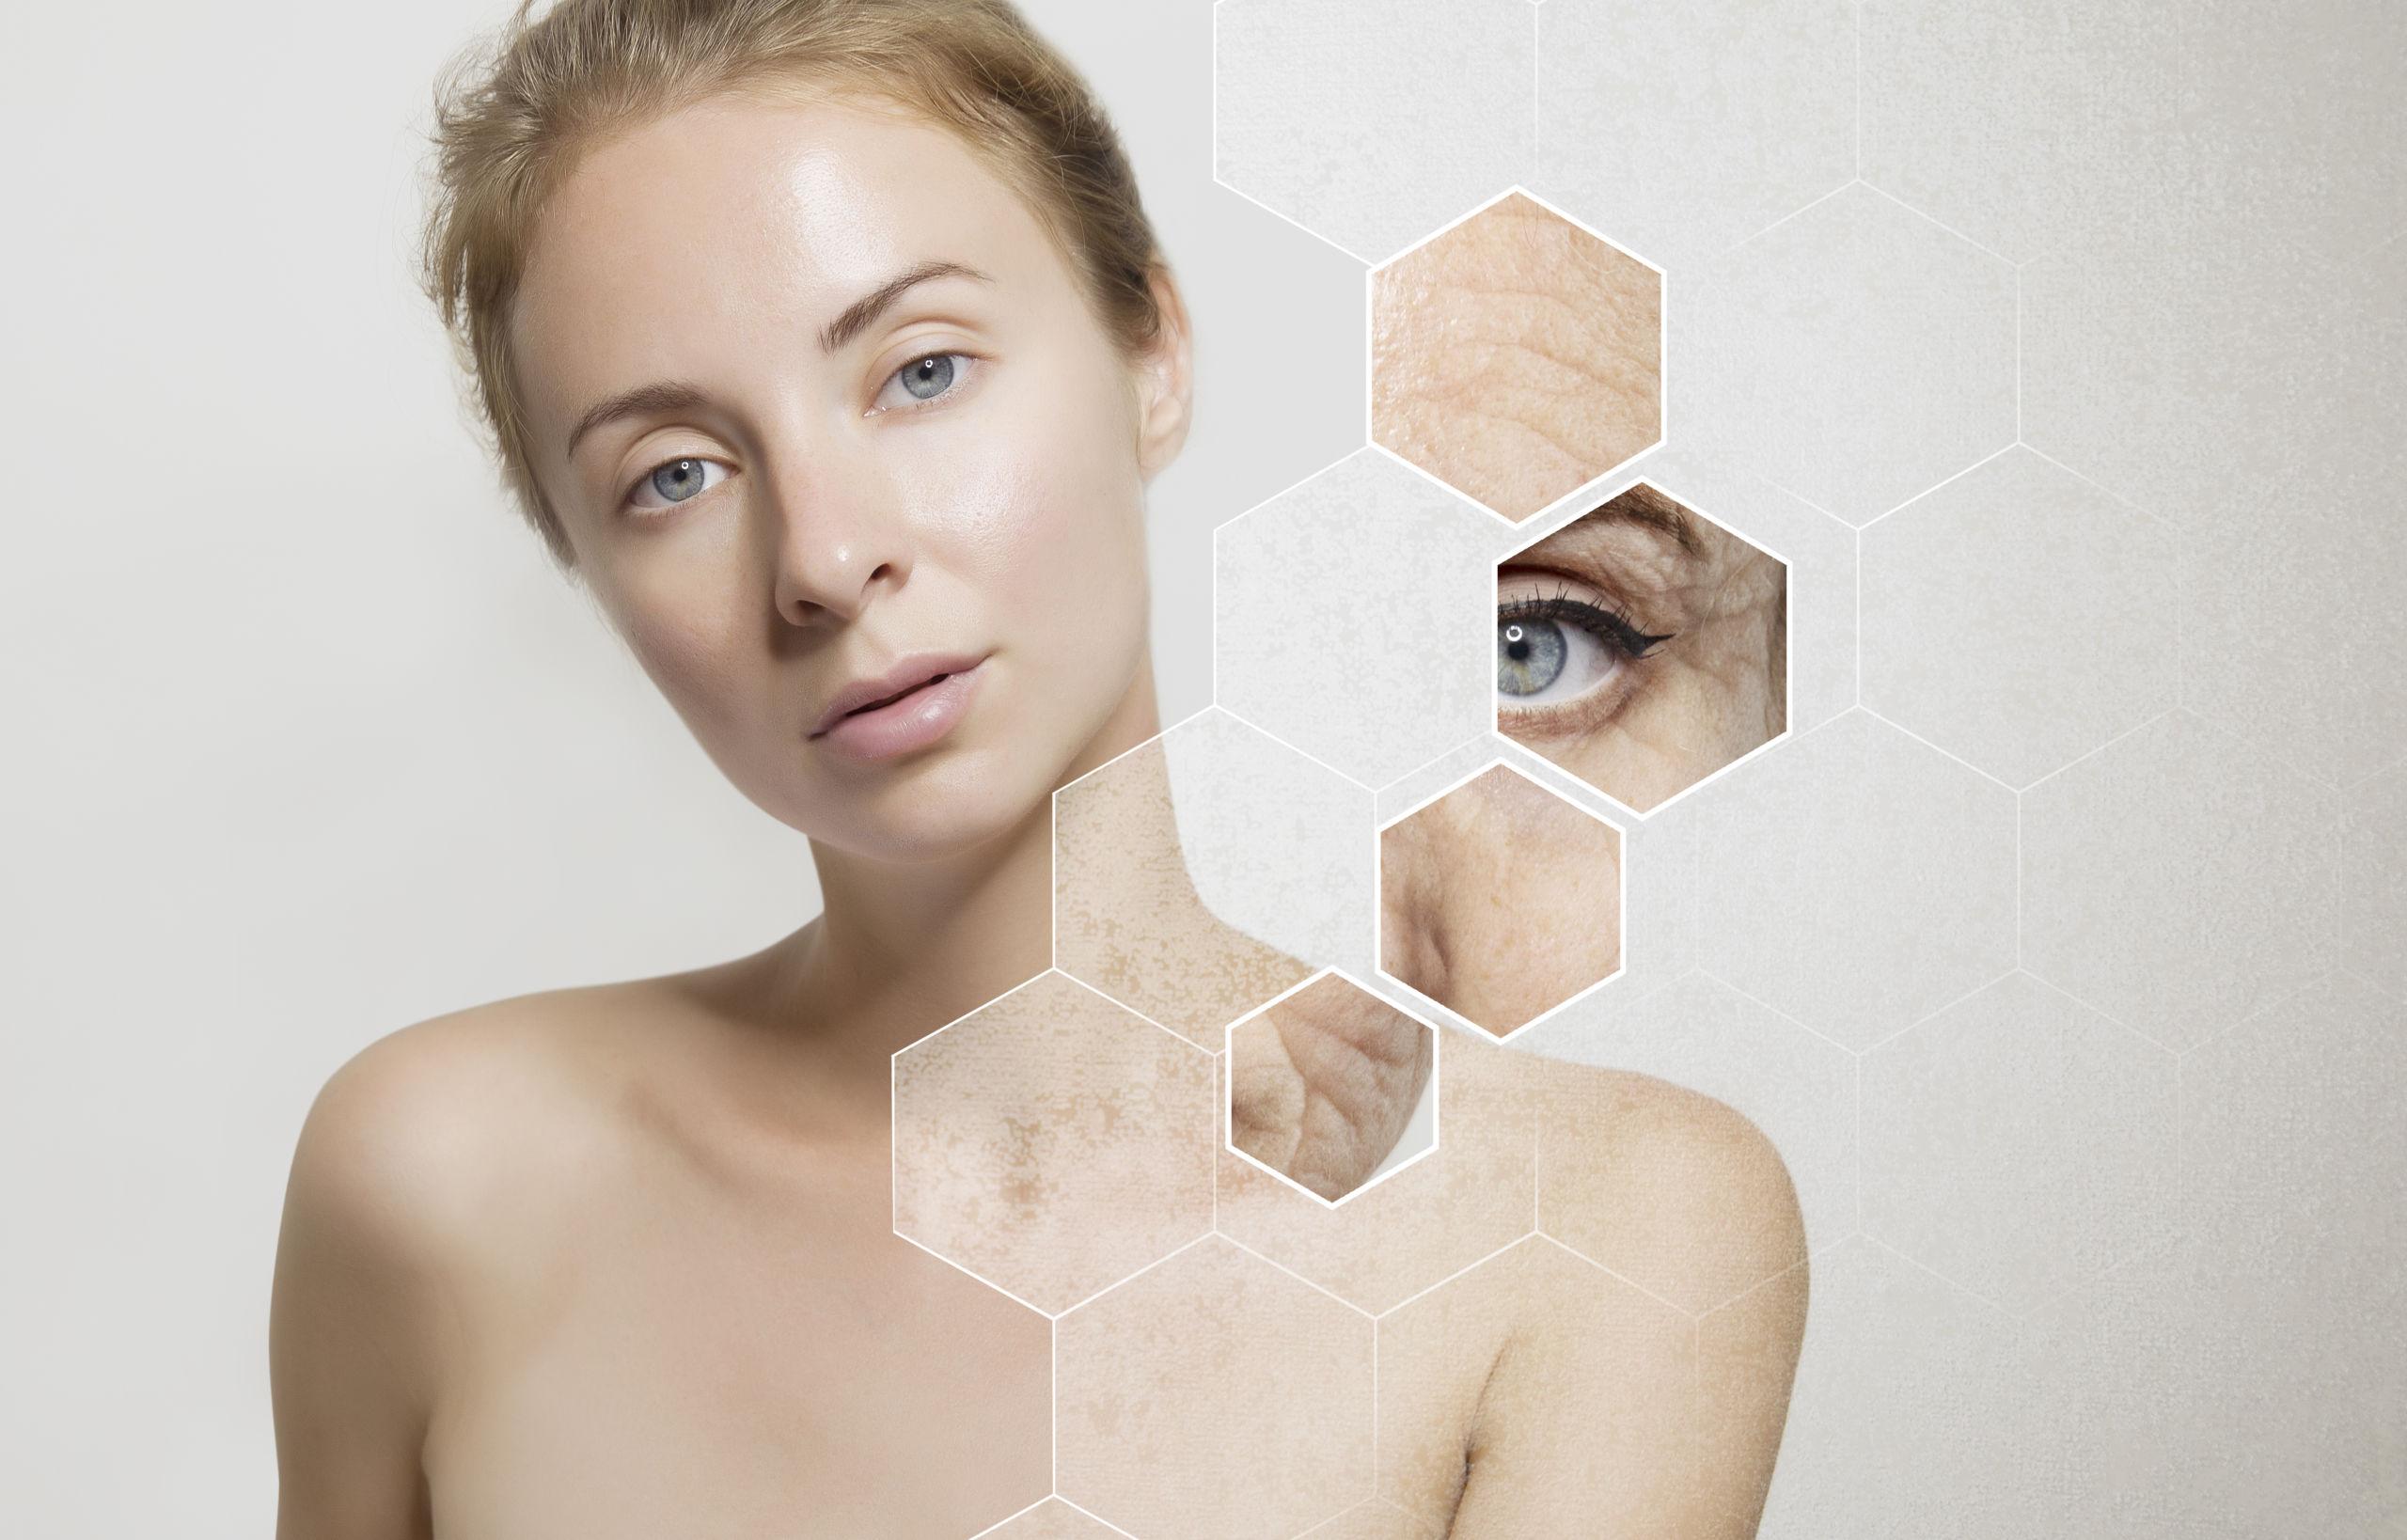 SKN – 5.1 Skin Care & Skin Therapy